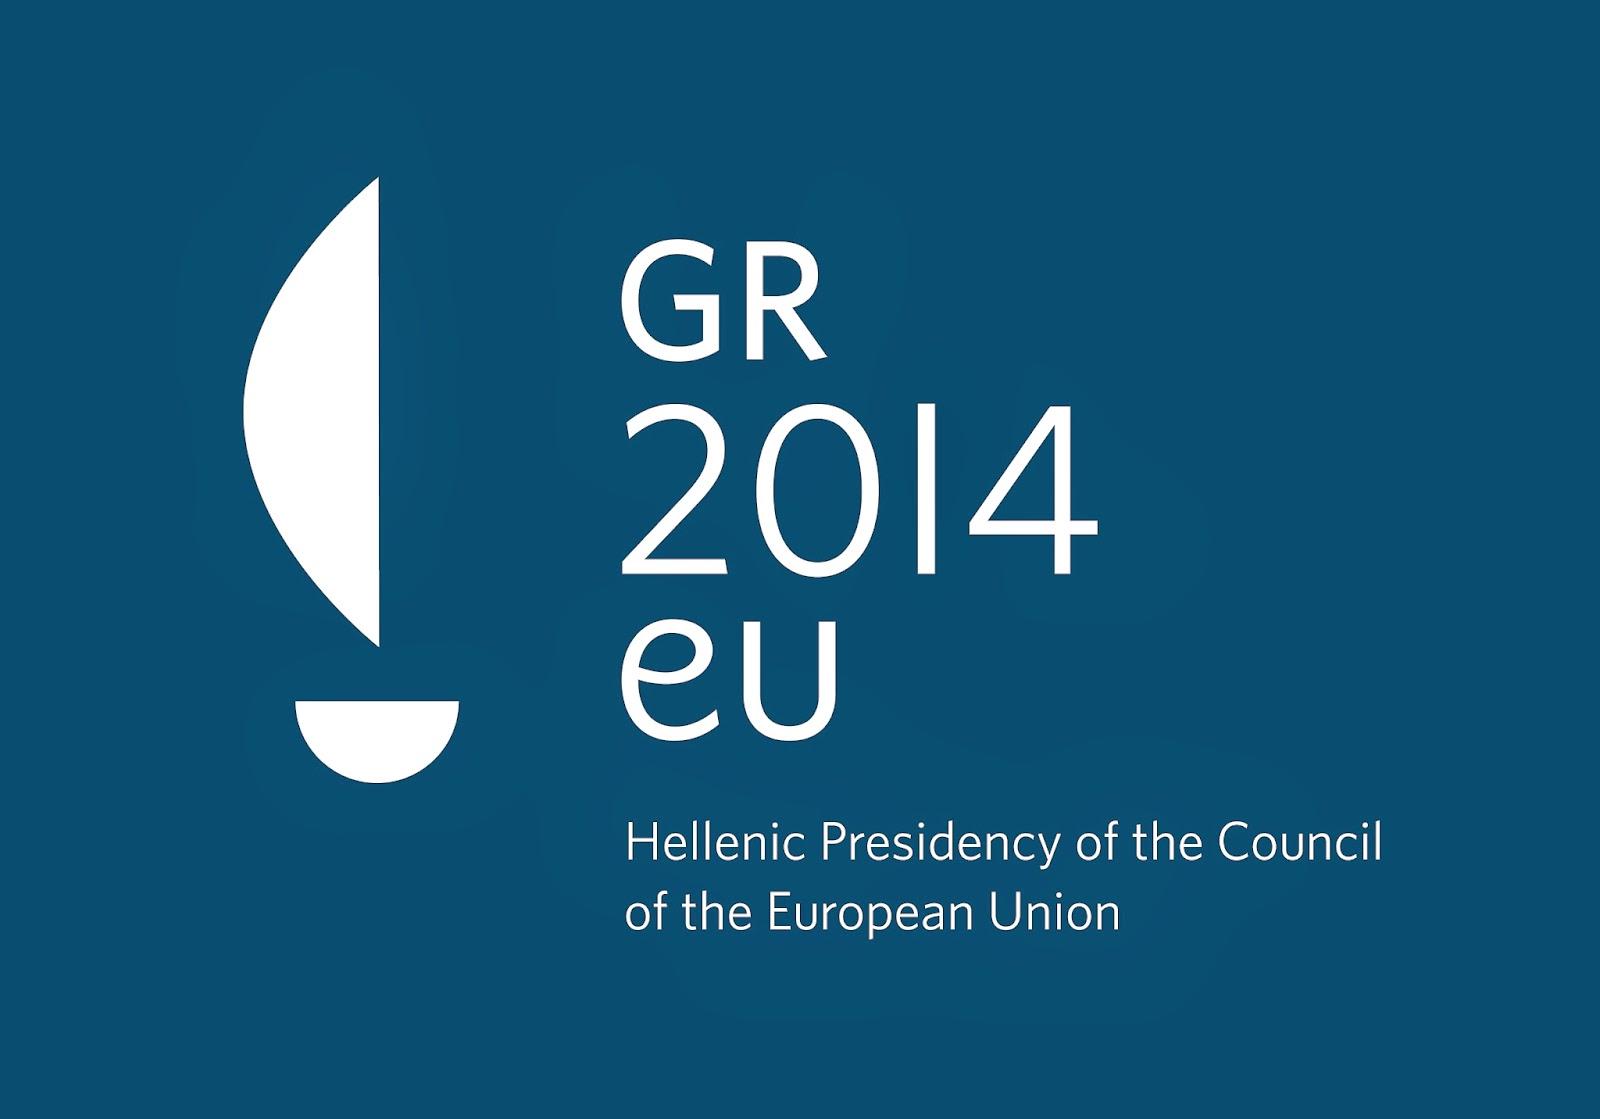 Presidencia Griega del Consejo de la Unión Europea